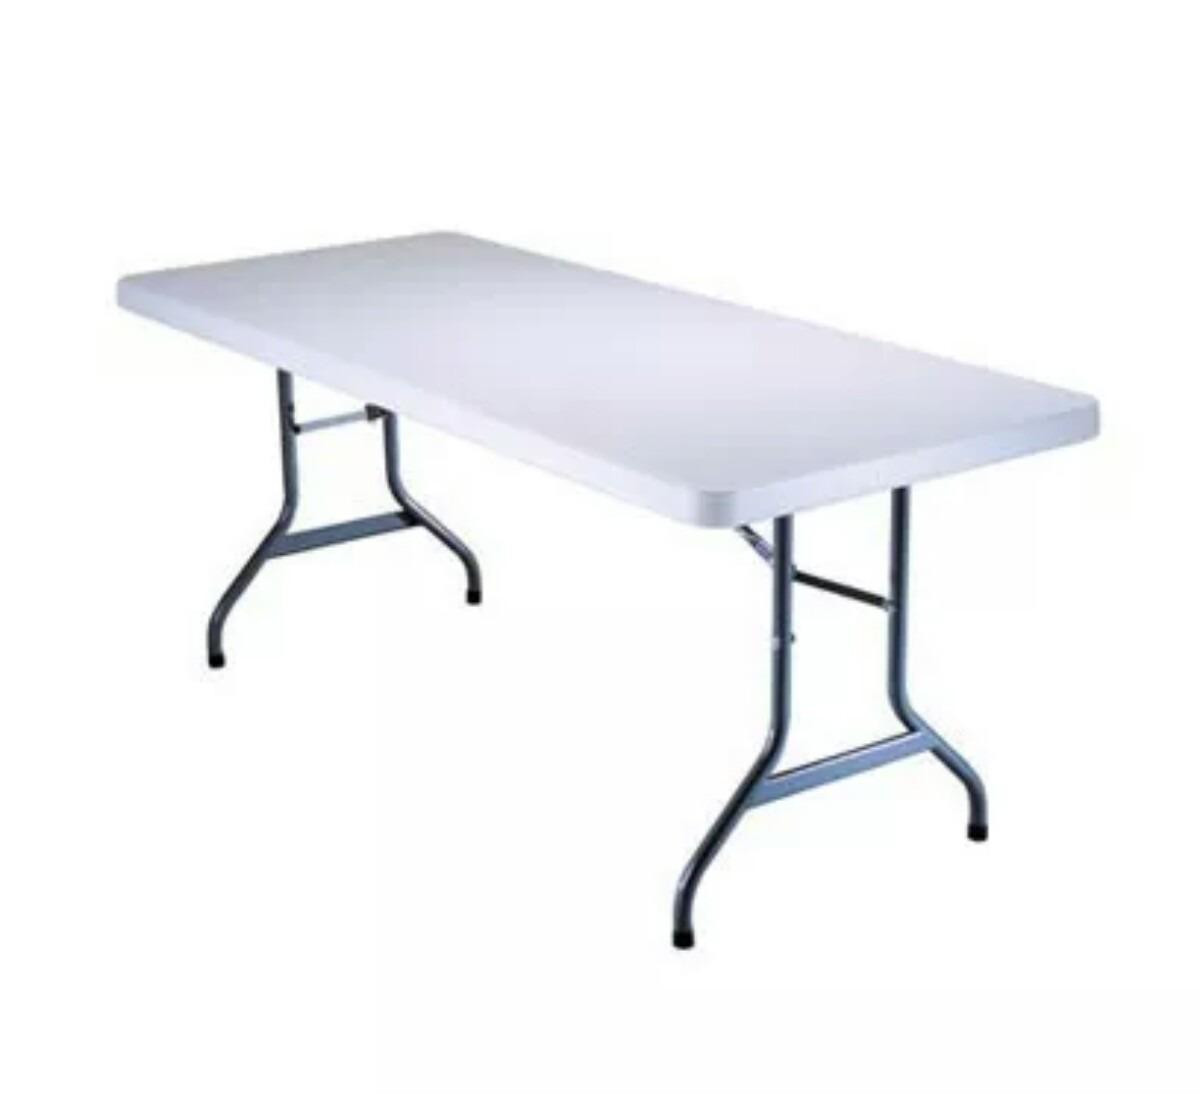 mesa plegable lifetime el mejor precio 1